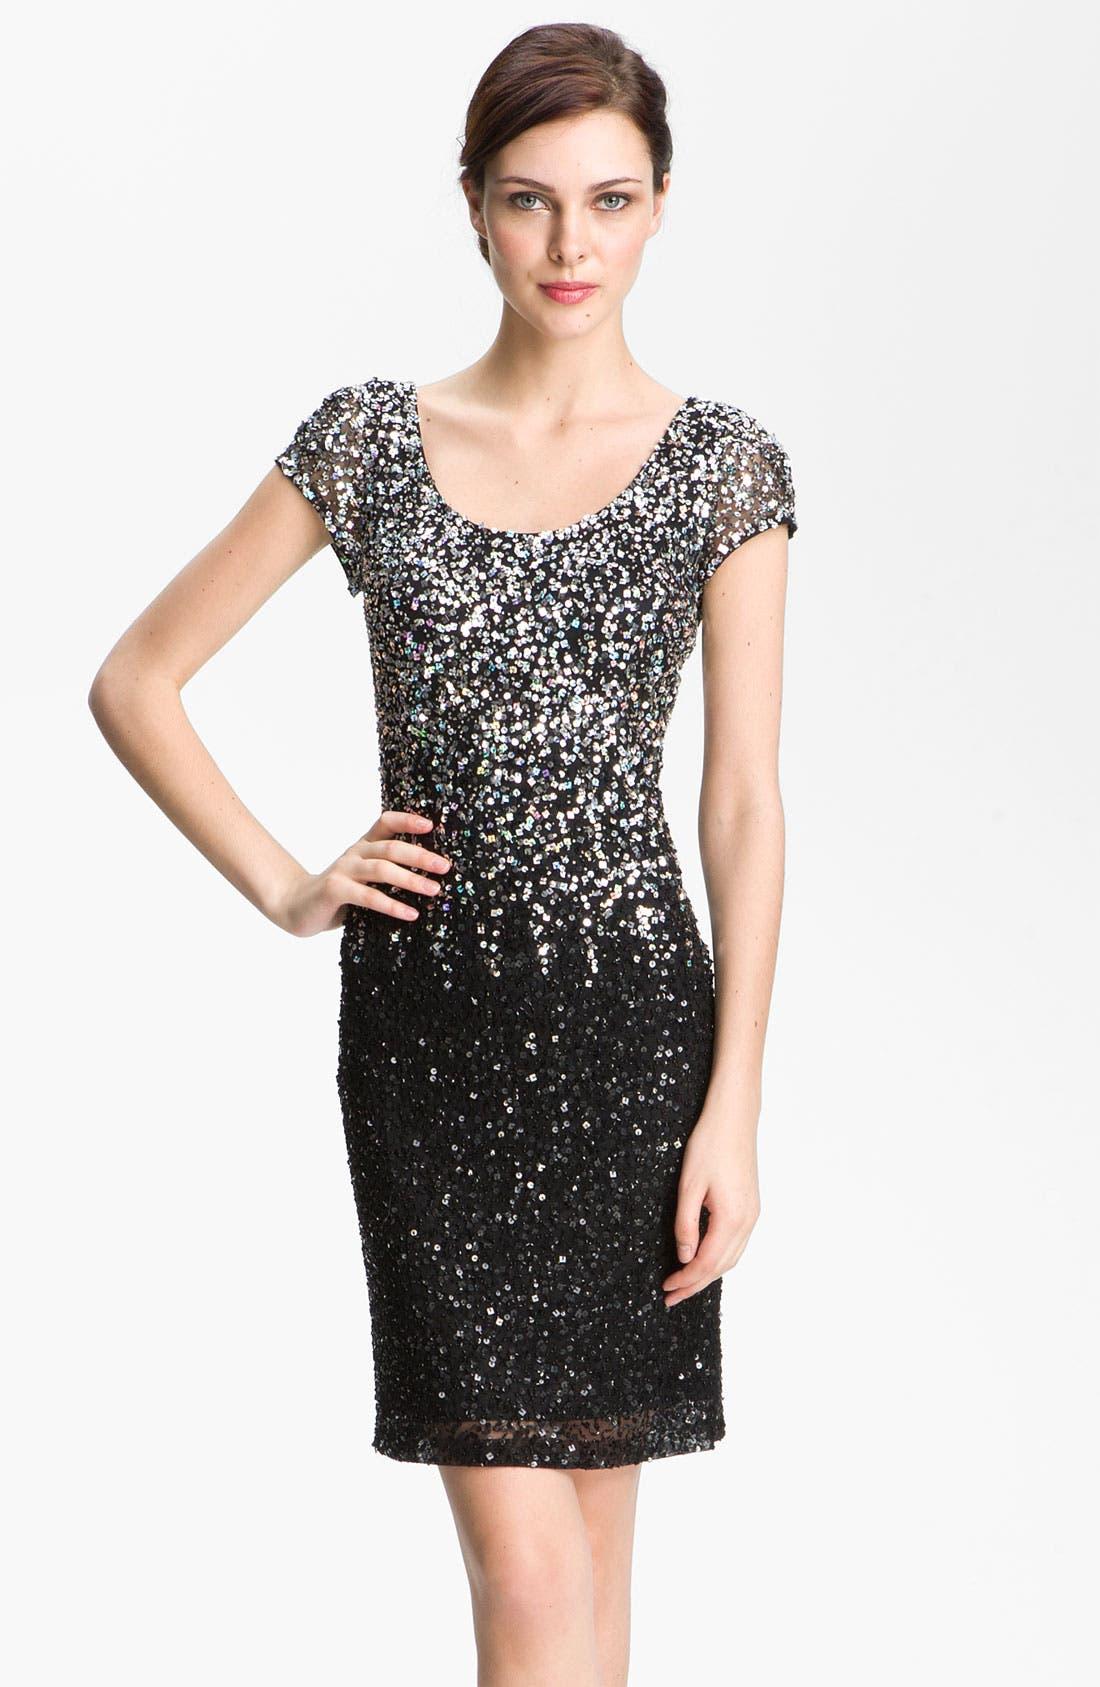 Alternate Image 1 Selected - JS Boutique Scoop Neck Embellished Sheath Dress